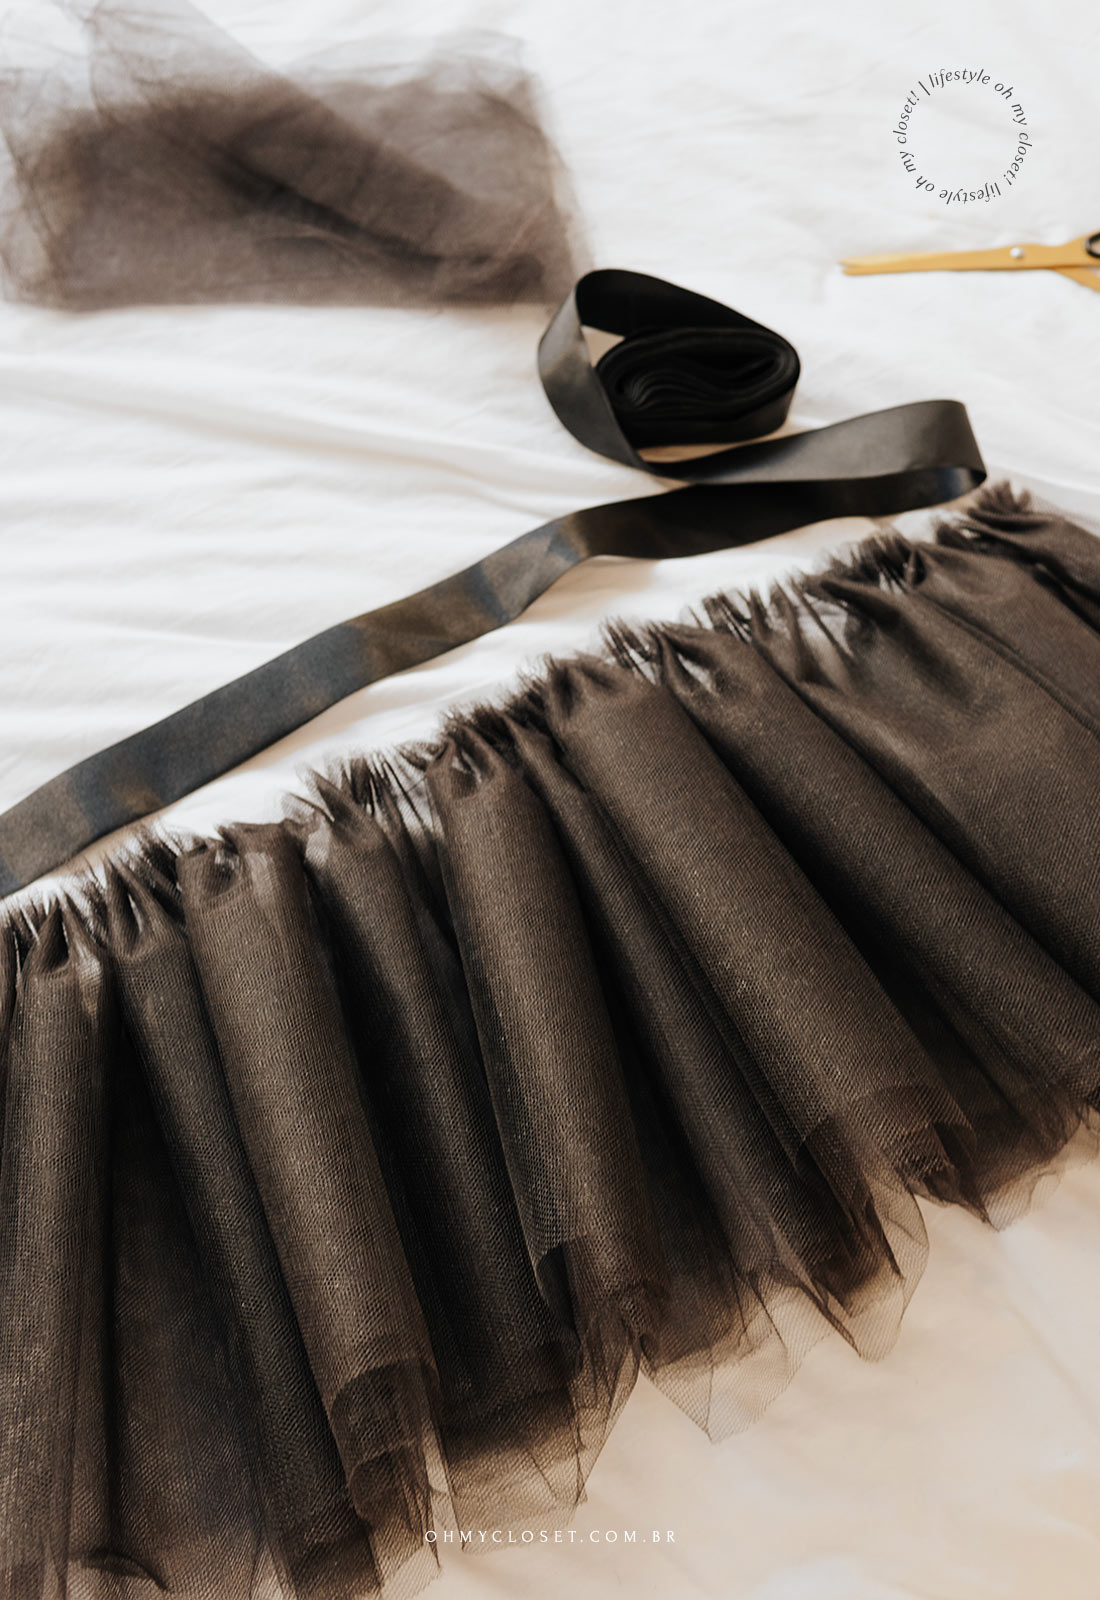 Colocando a fita para terminar a saia de tule para festa junina.